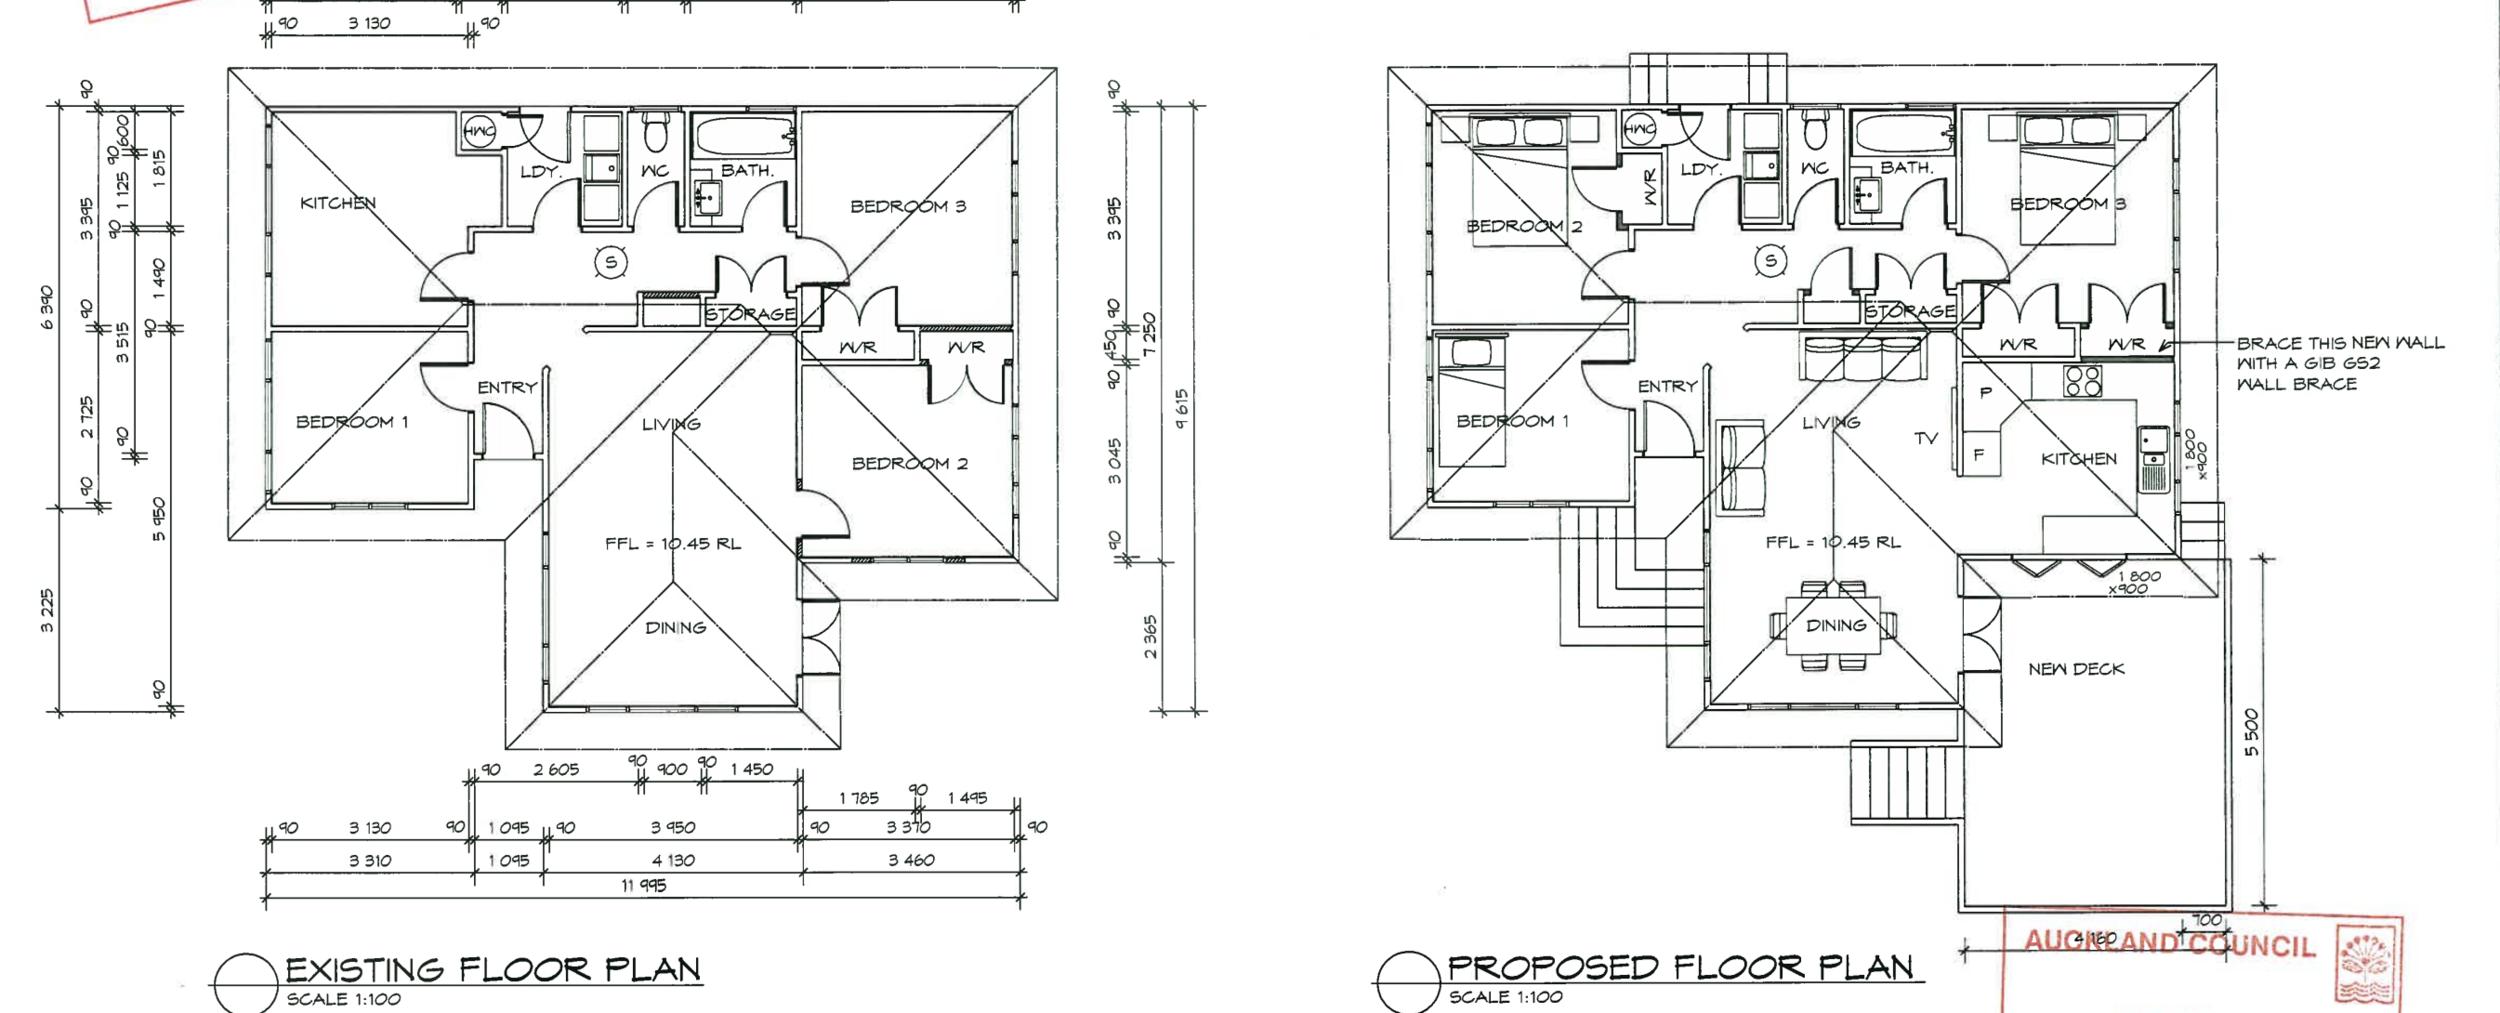 Floor Plan - Relocatable Reno